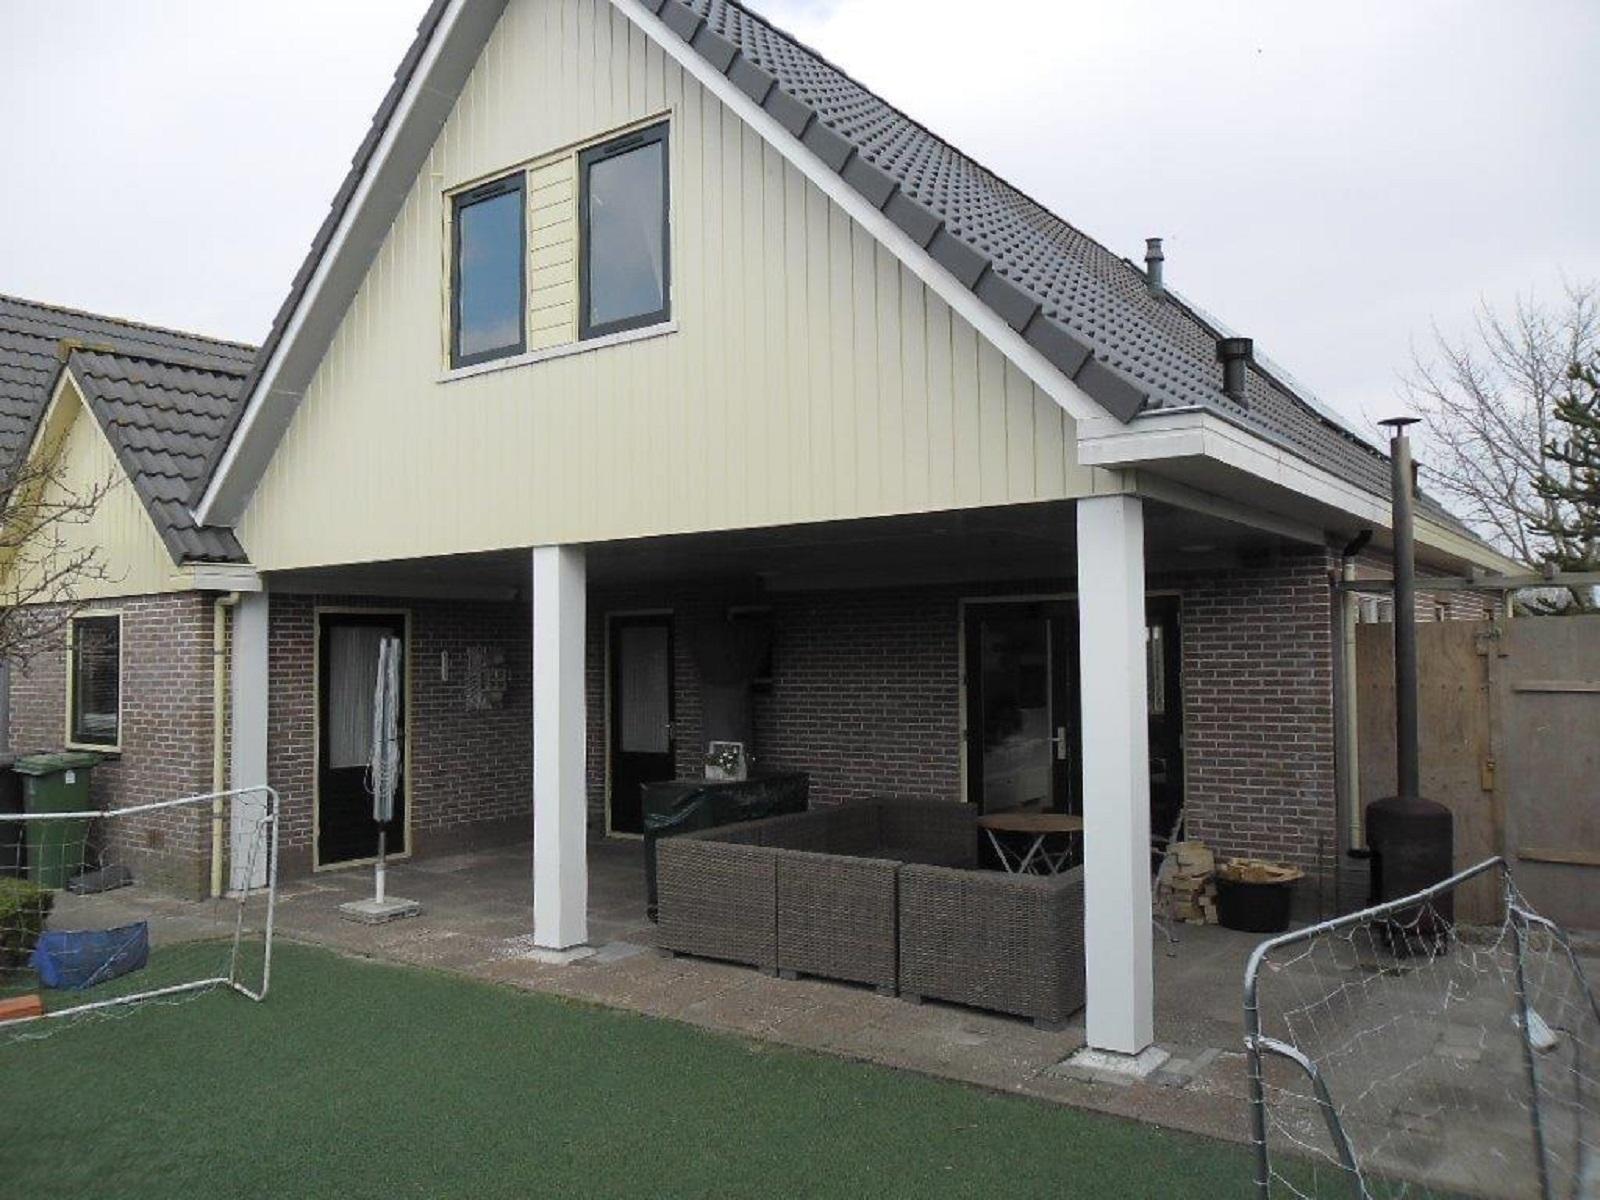 Burgmeijer 39 s bouwbedrijf home - Uitbreiding veranda ...